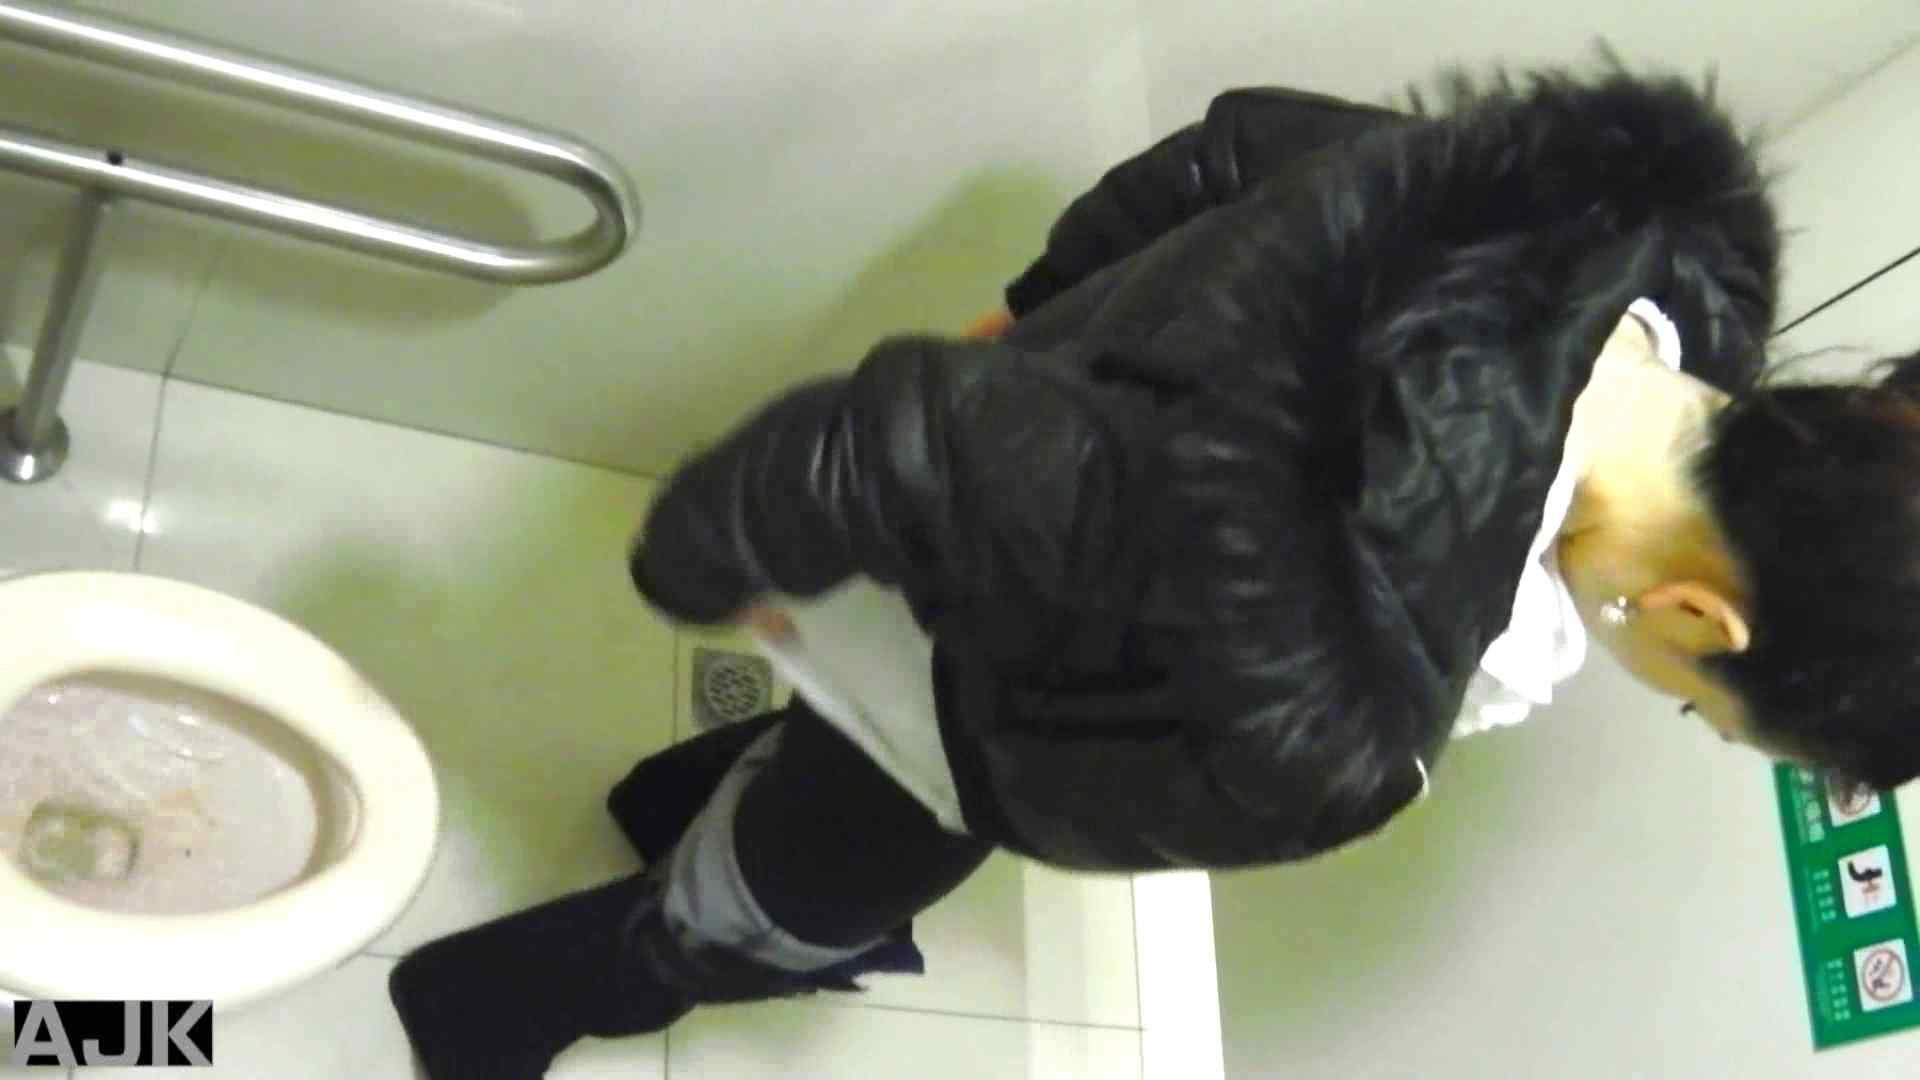 隣国上階級エリアの令嬢たちが集うデパートお手洗い Vol.19 HなOL  99pic 68